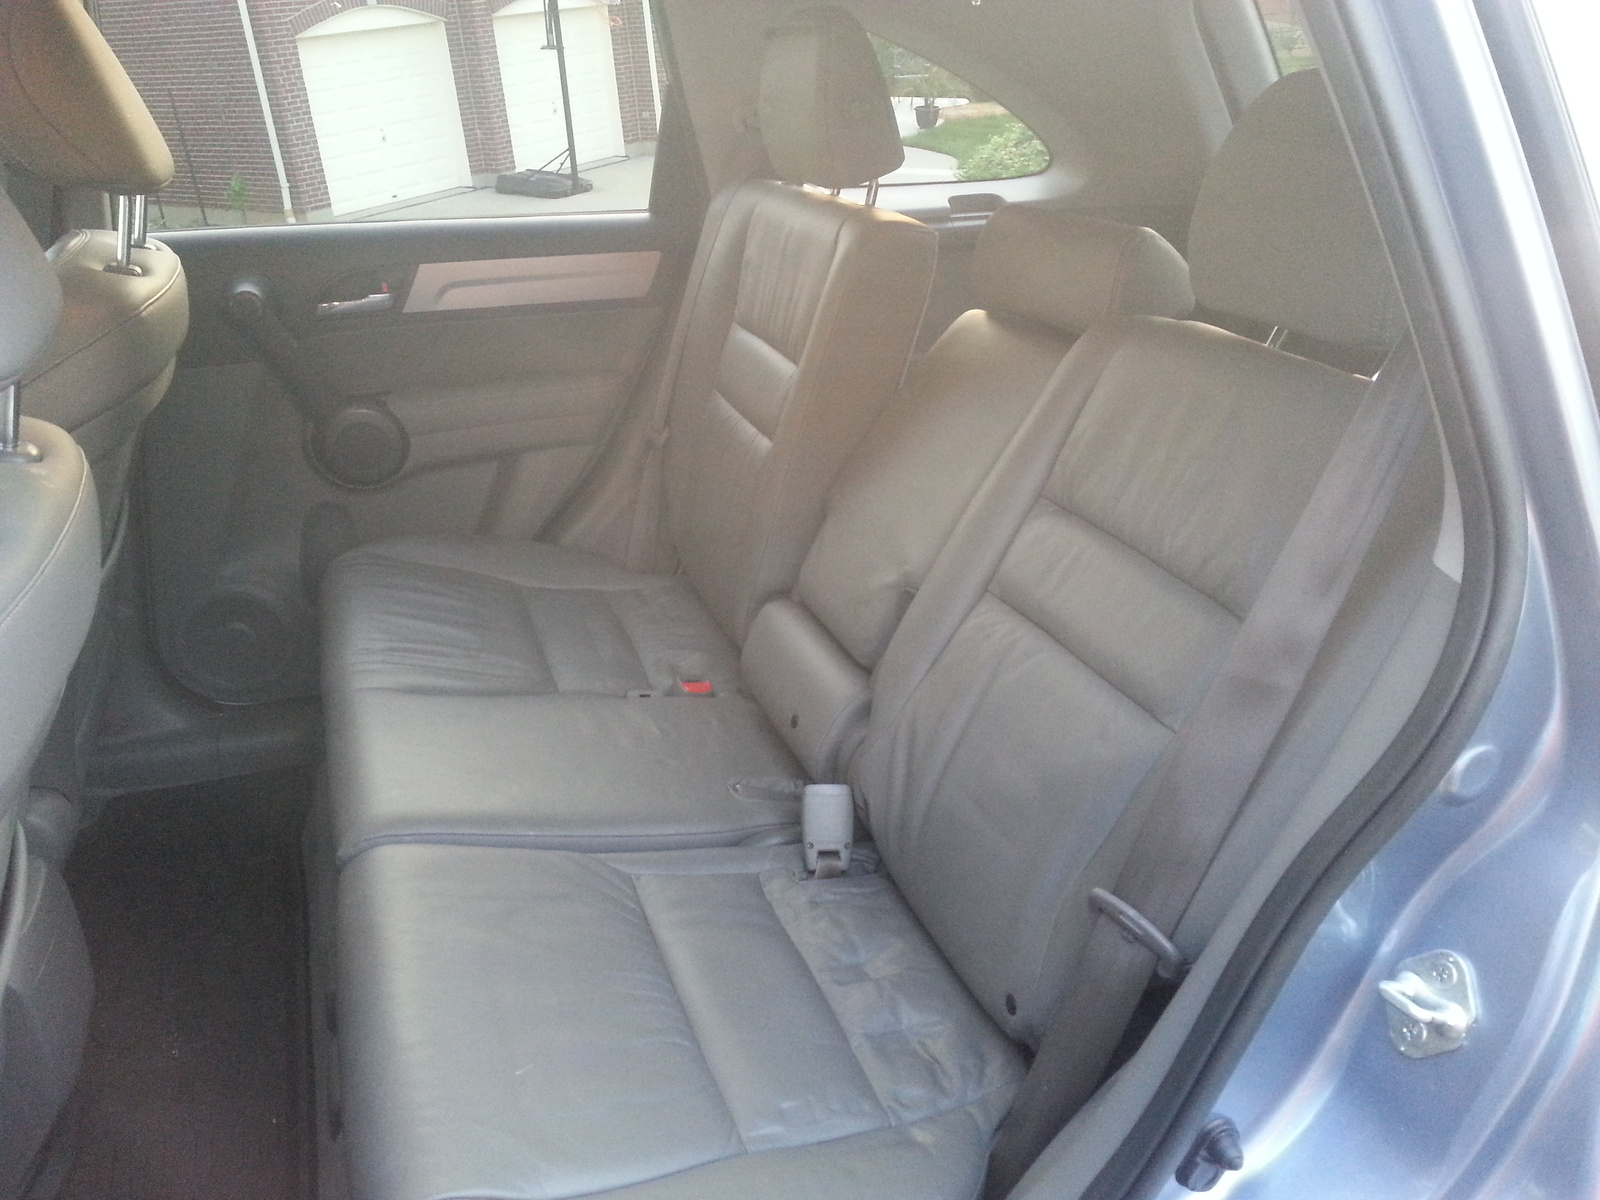 2010 Honda CR-V - Review - CarGurus